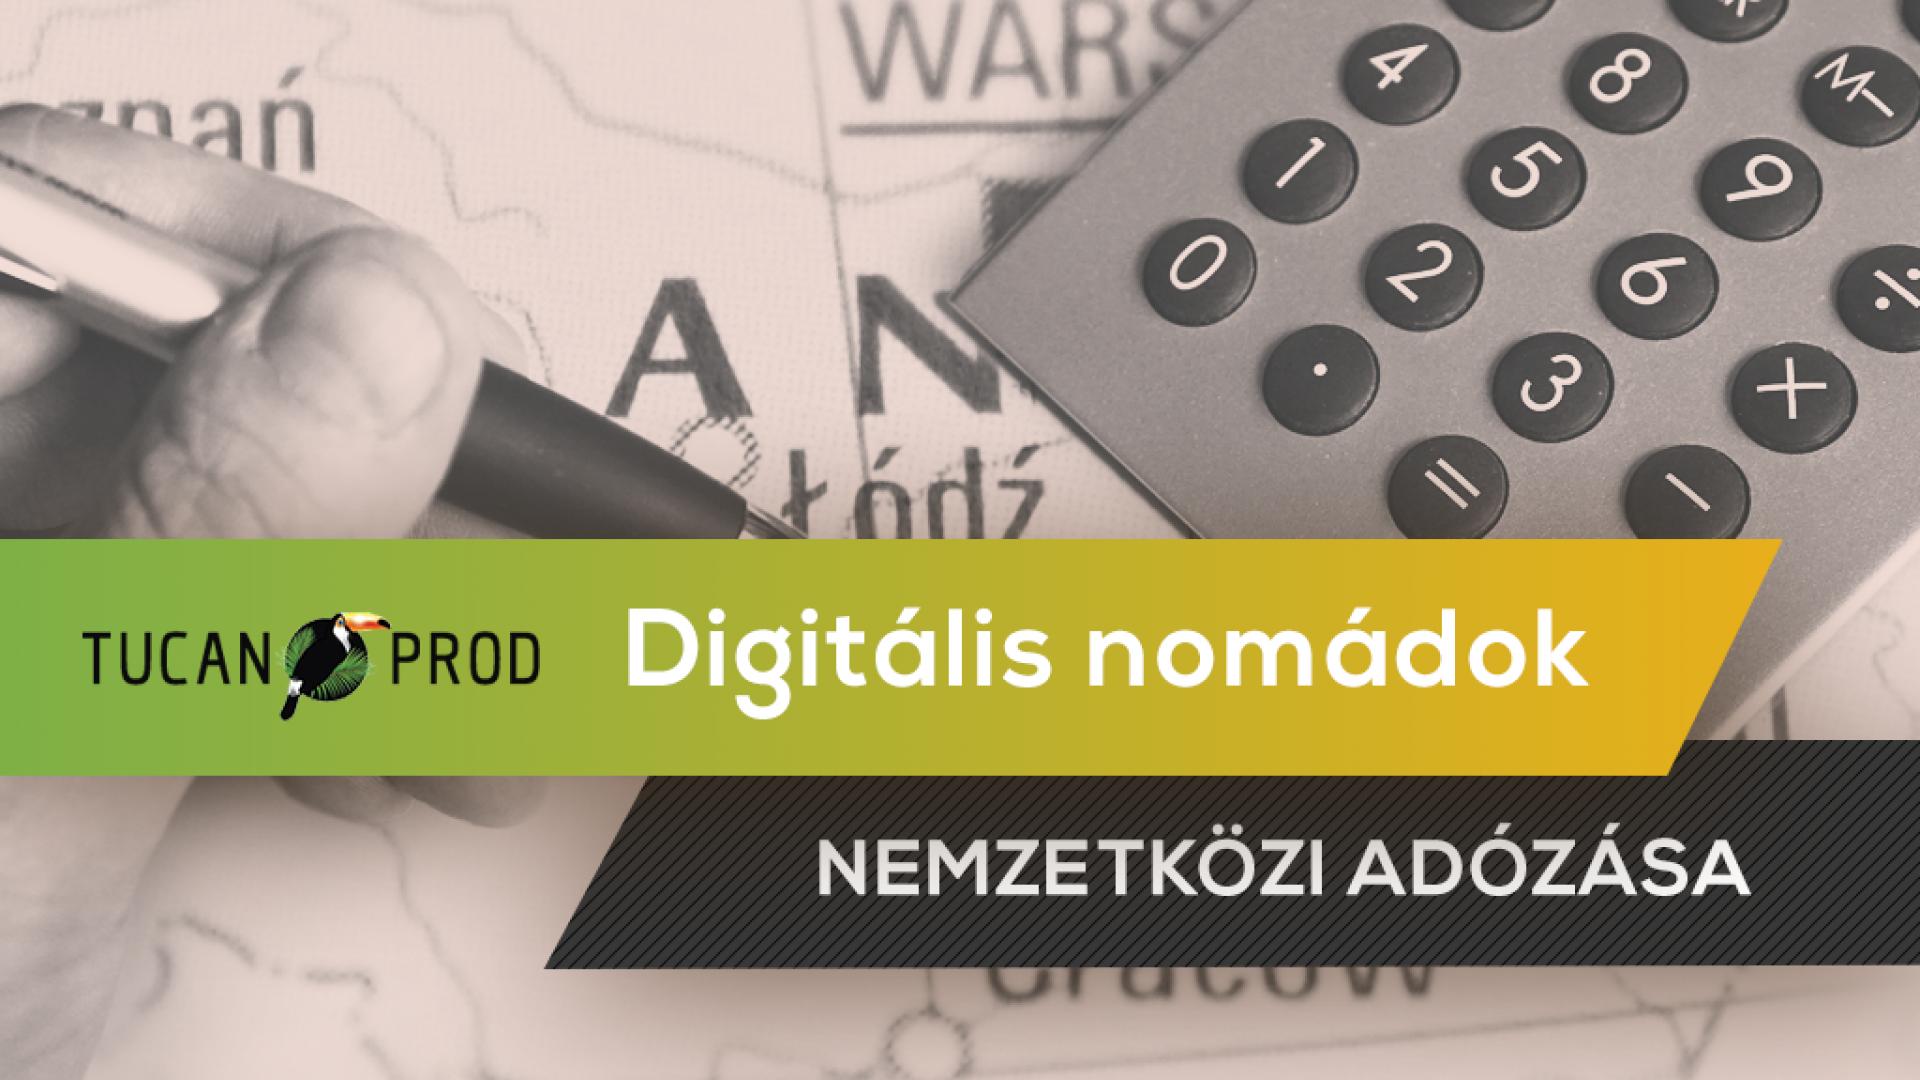 Digitális Nomádok Nemzetközi Adózása